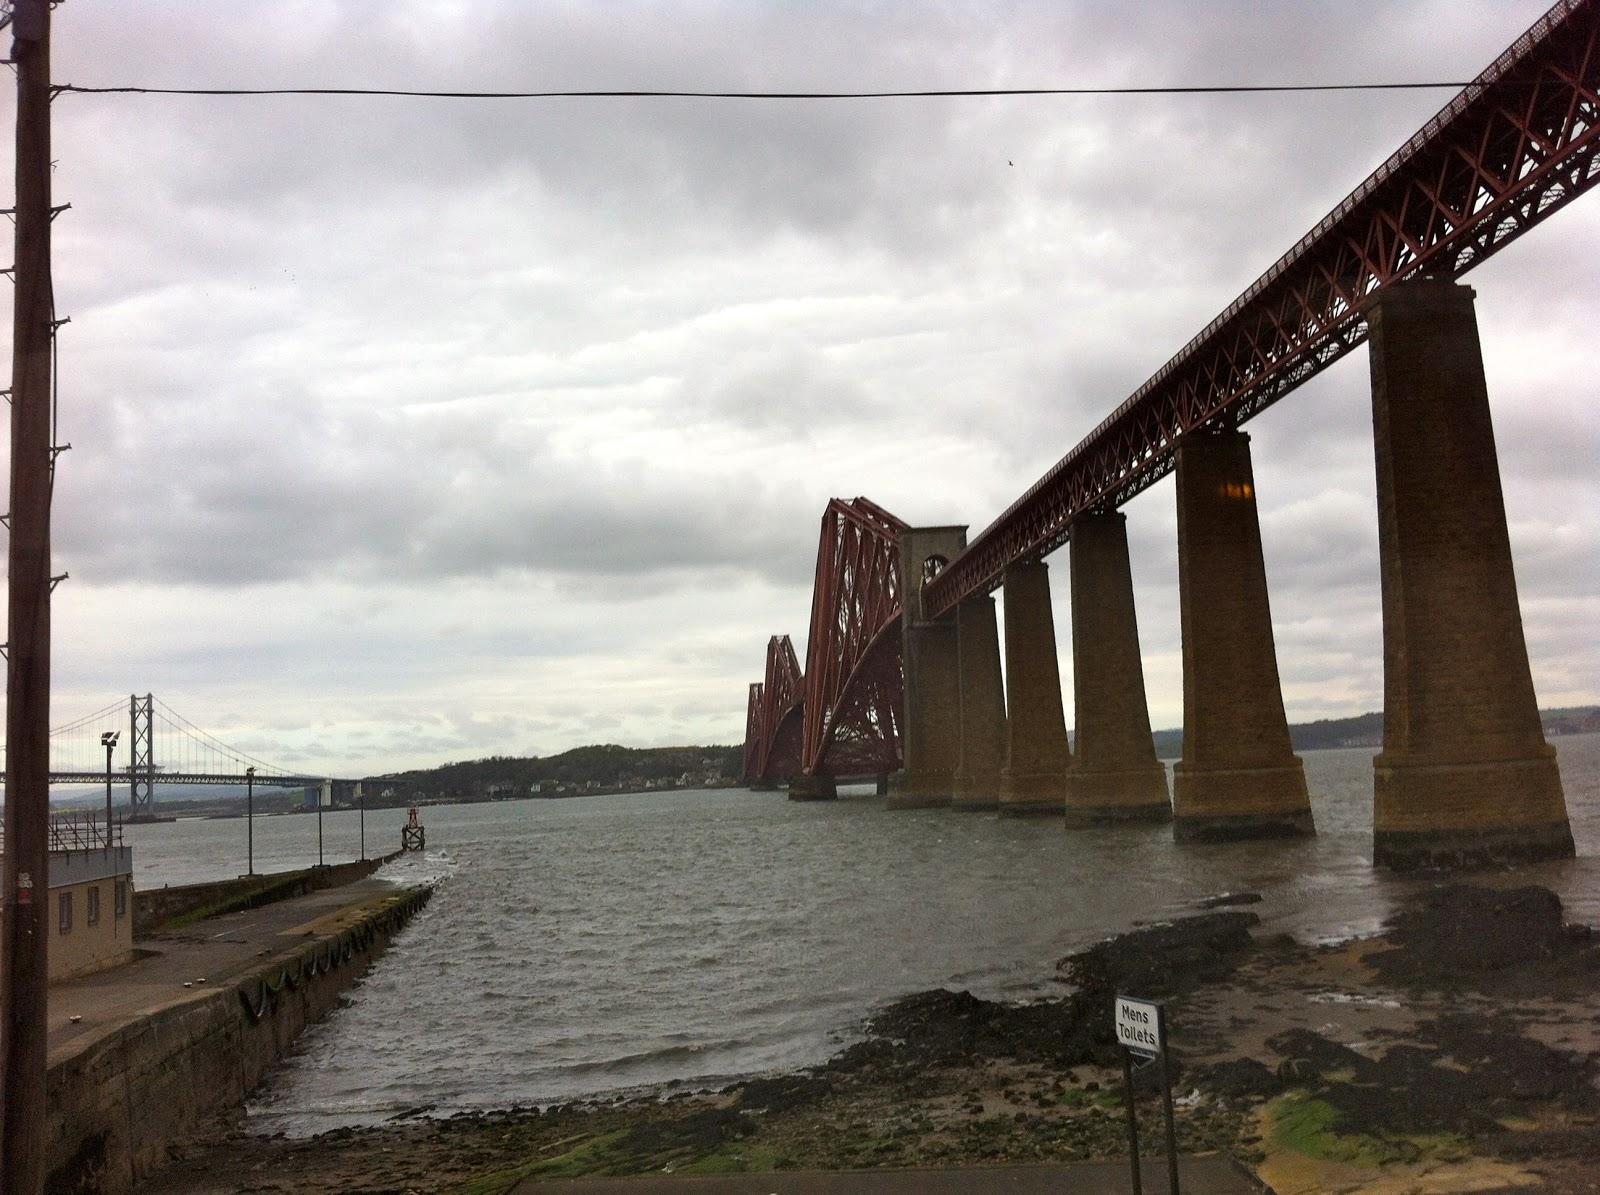 鉄道橋とフォース道路橋です。 フォース鉄道橋は「テイ橋の悲劇」の失敗を踏まえてジョンファウラーと